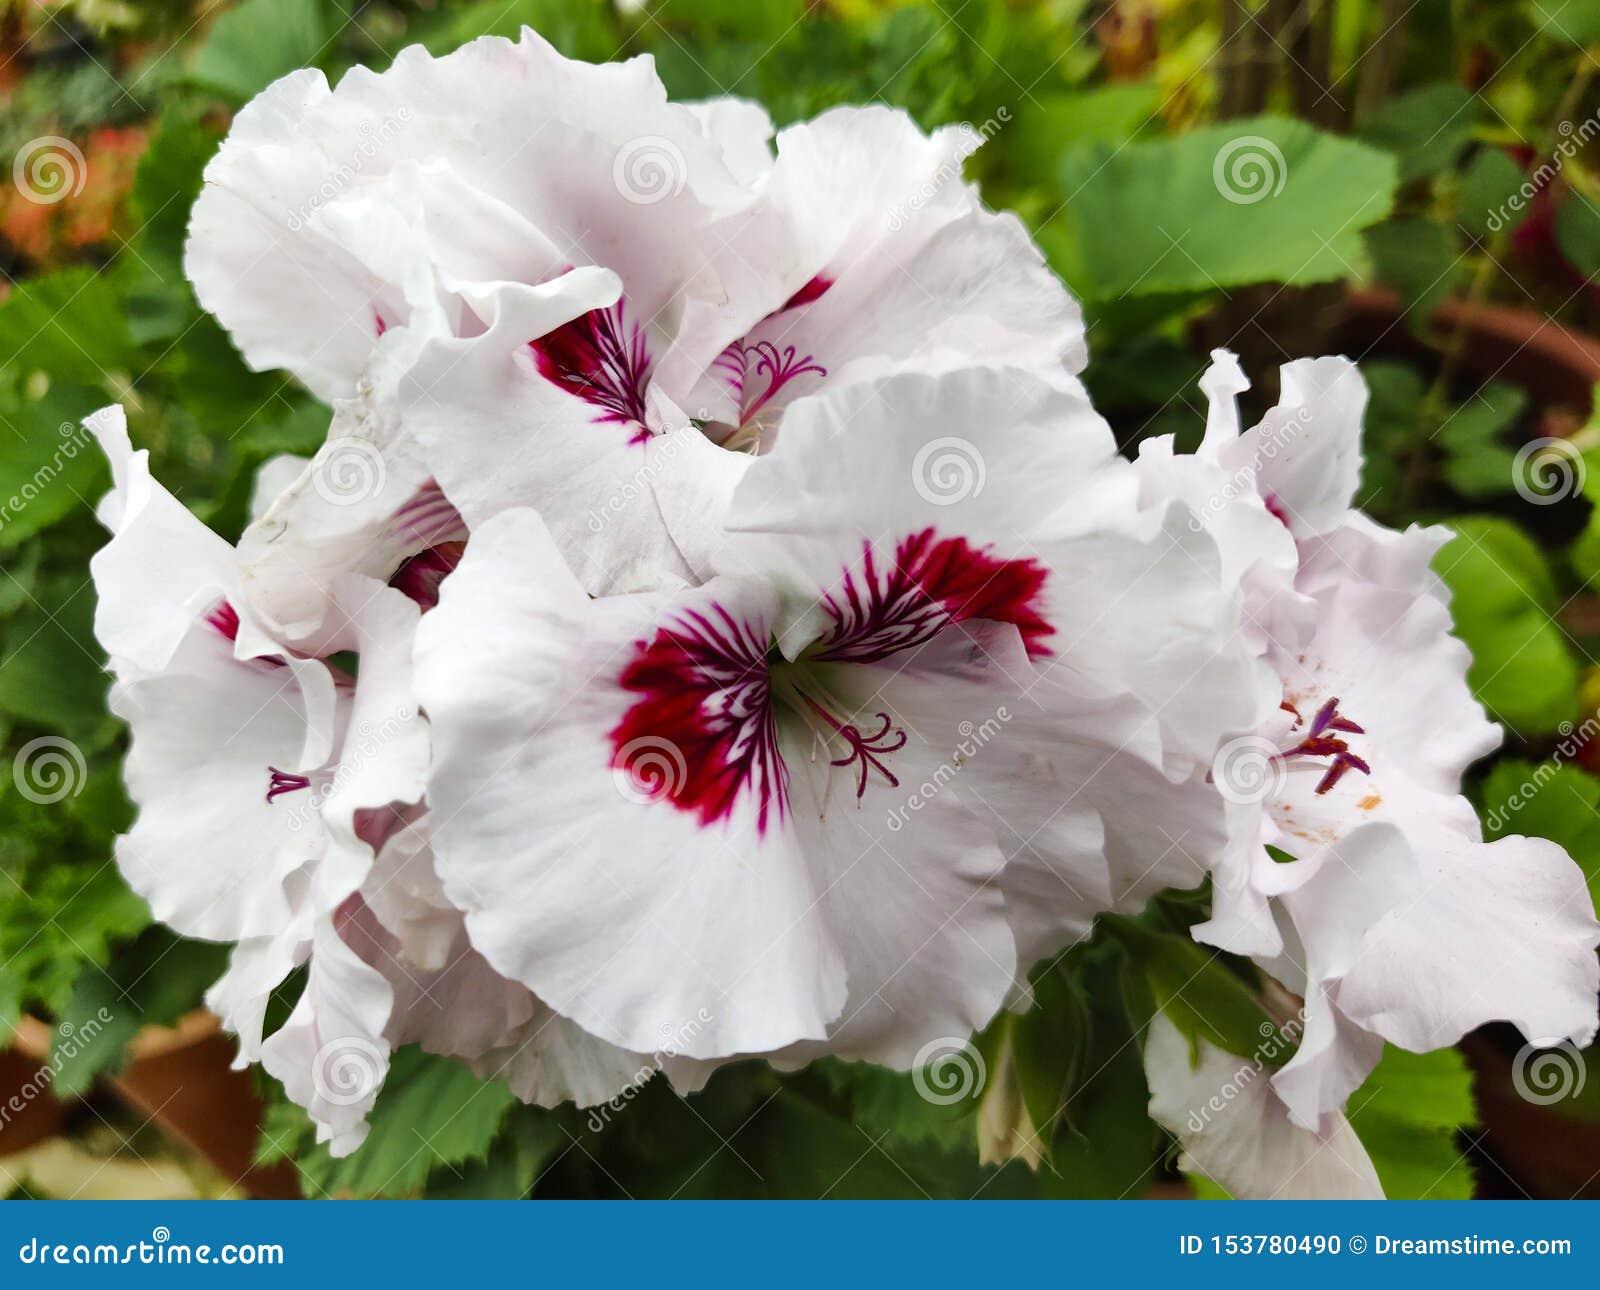 Plan rapproché de géranium, une fleur blanche de floraison avec un noyau magenta